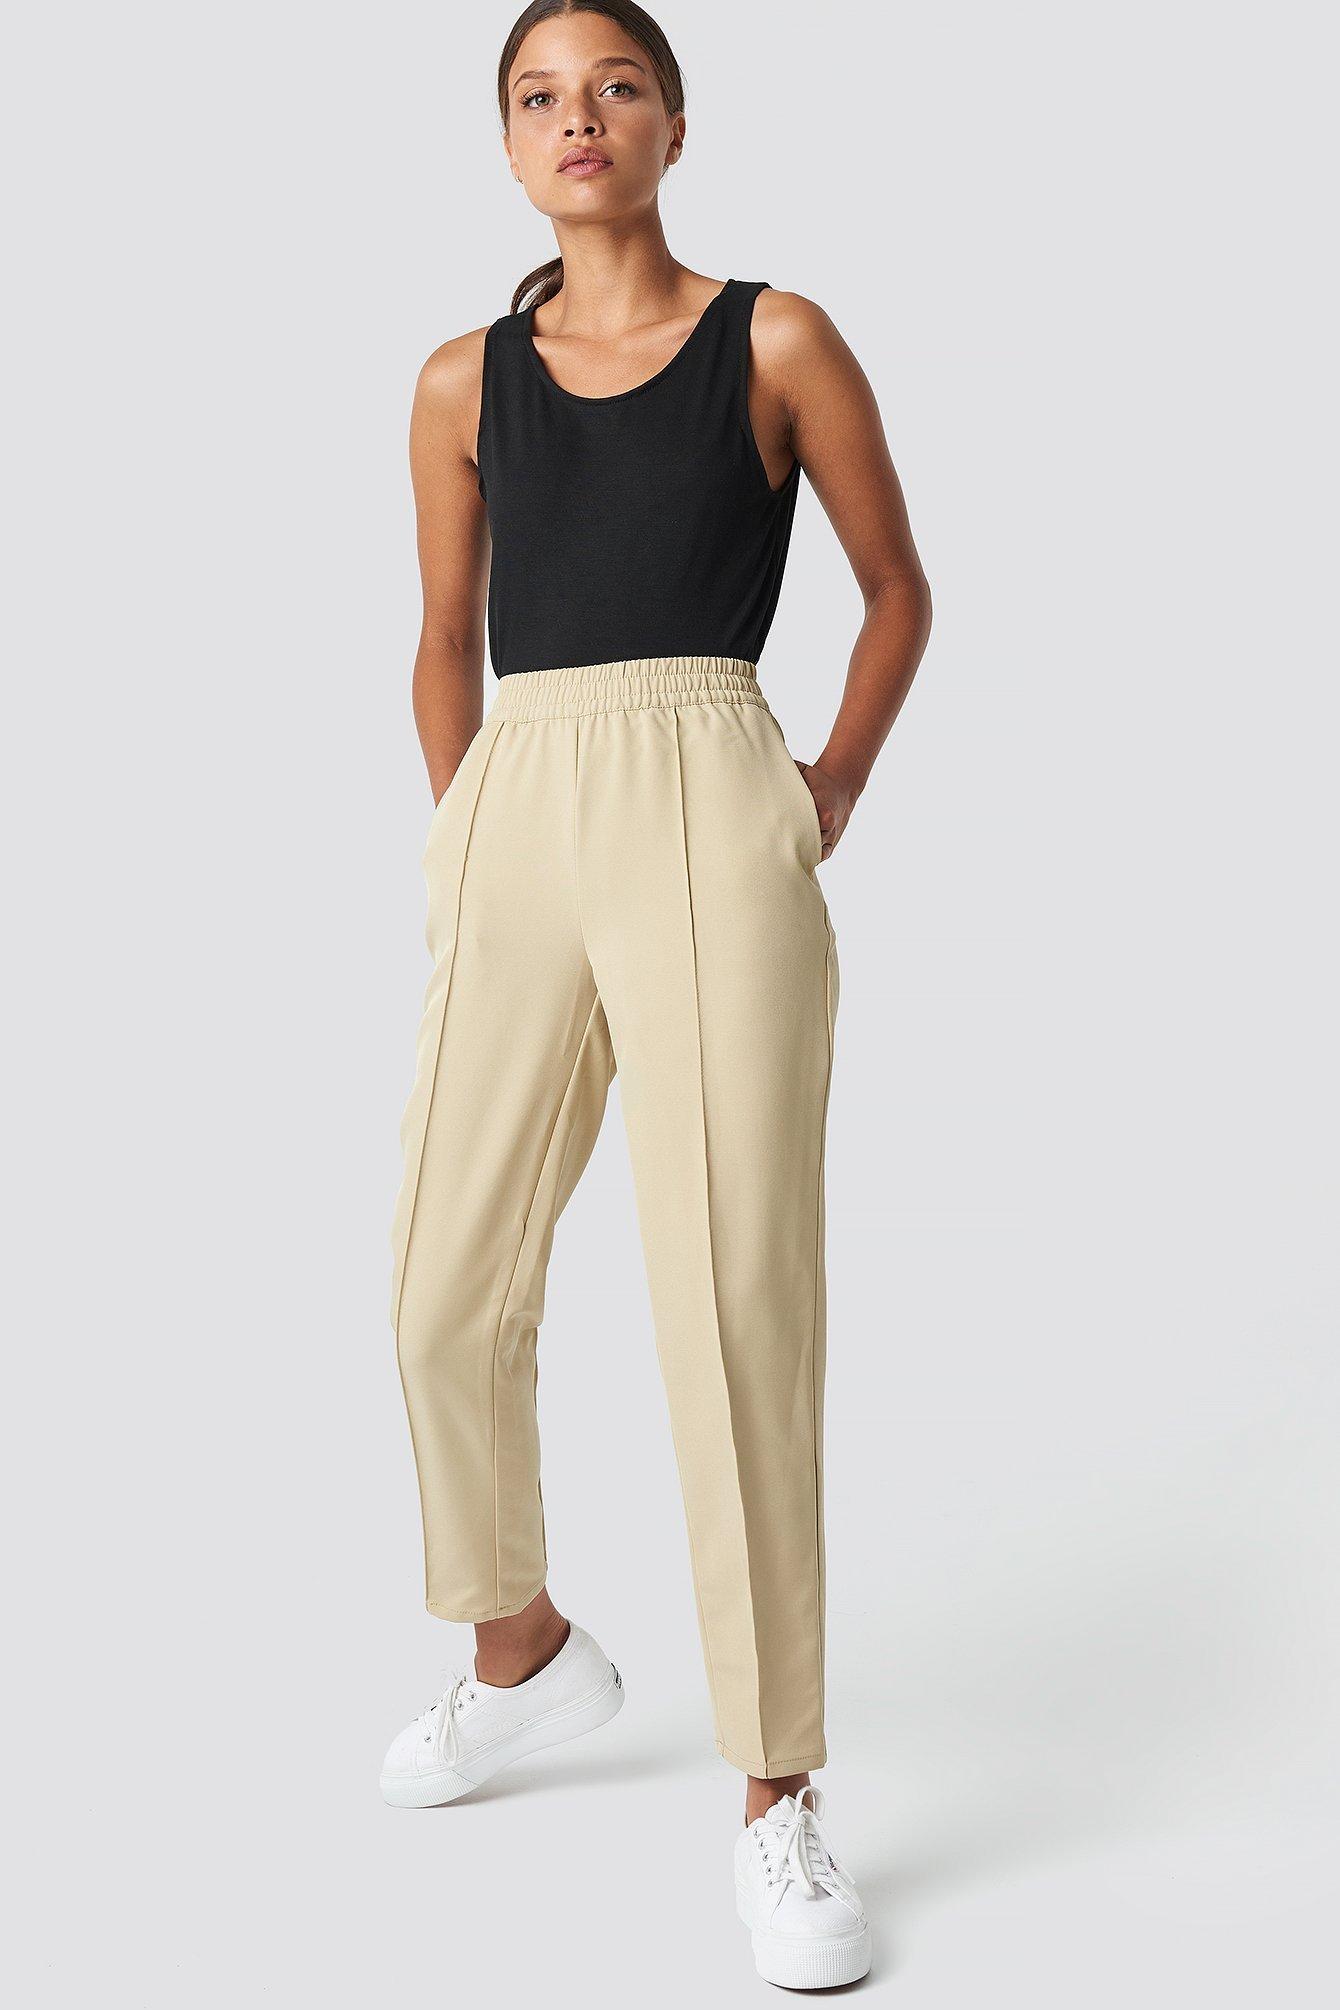 nakd_elastic_waist_seamline_pants_1018-001557-0005_04c